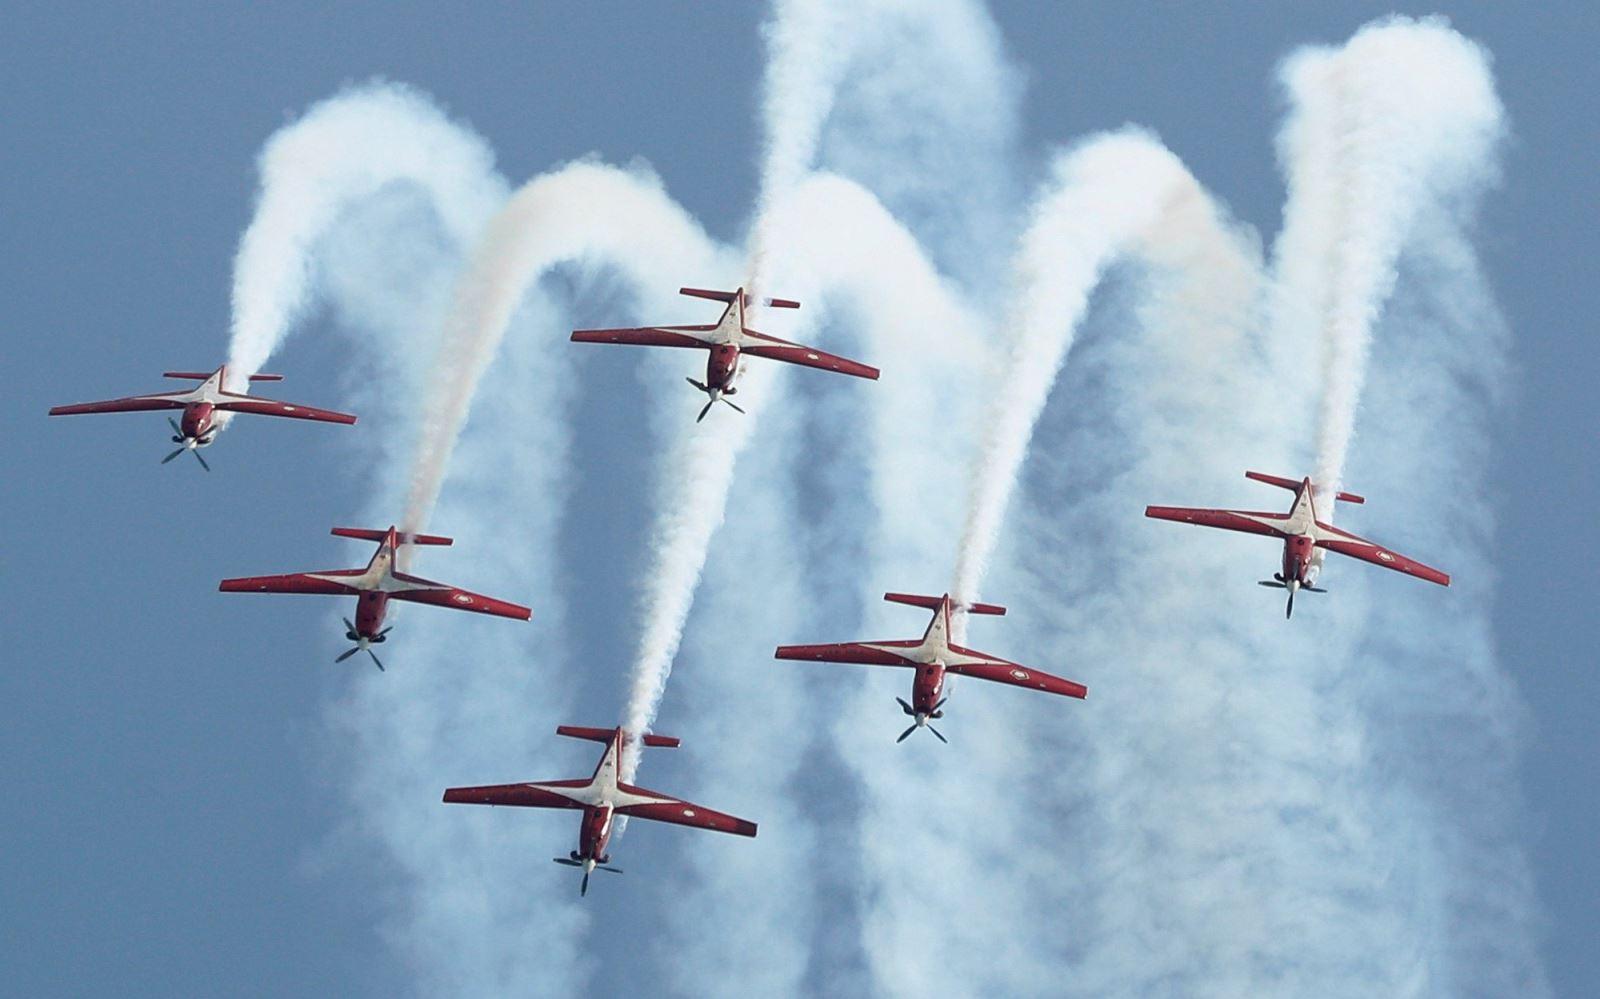 Máy bay quân sự đâm xuống Địa Trung Hải khi biểu diễn nhào lộn